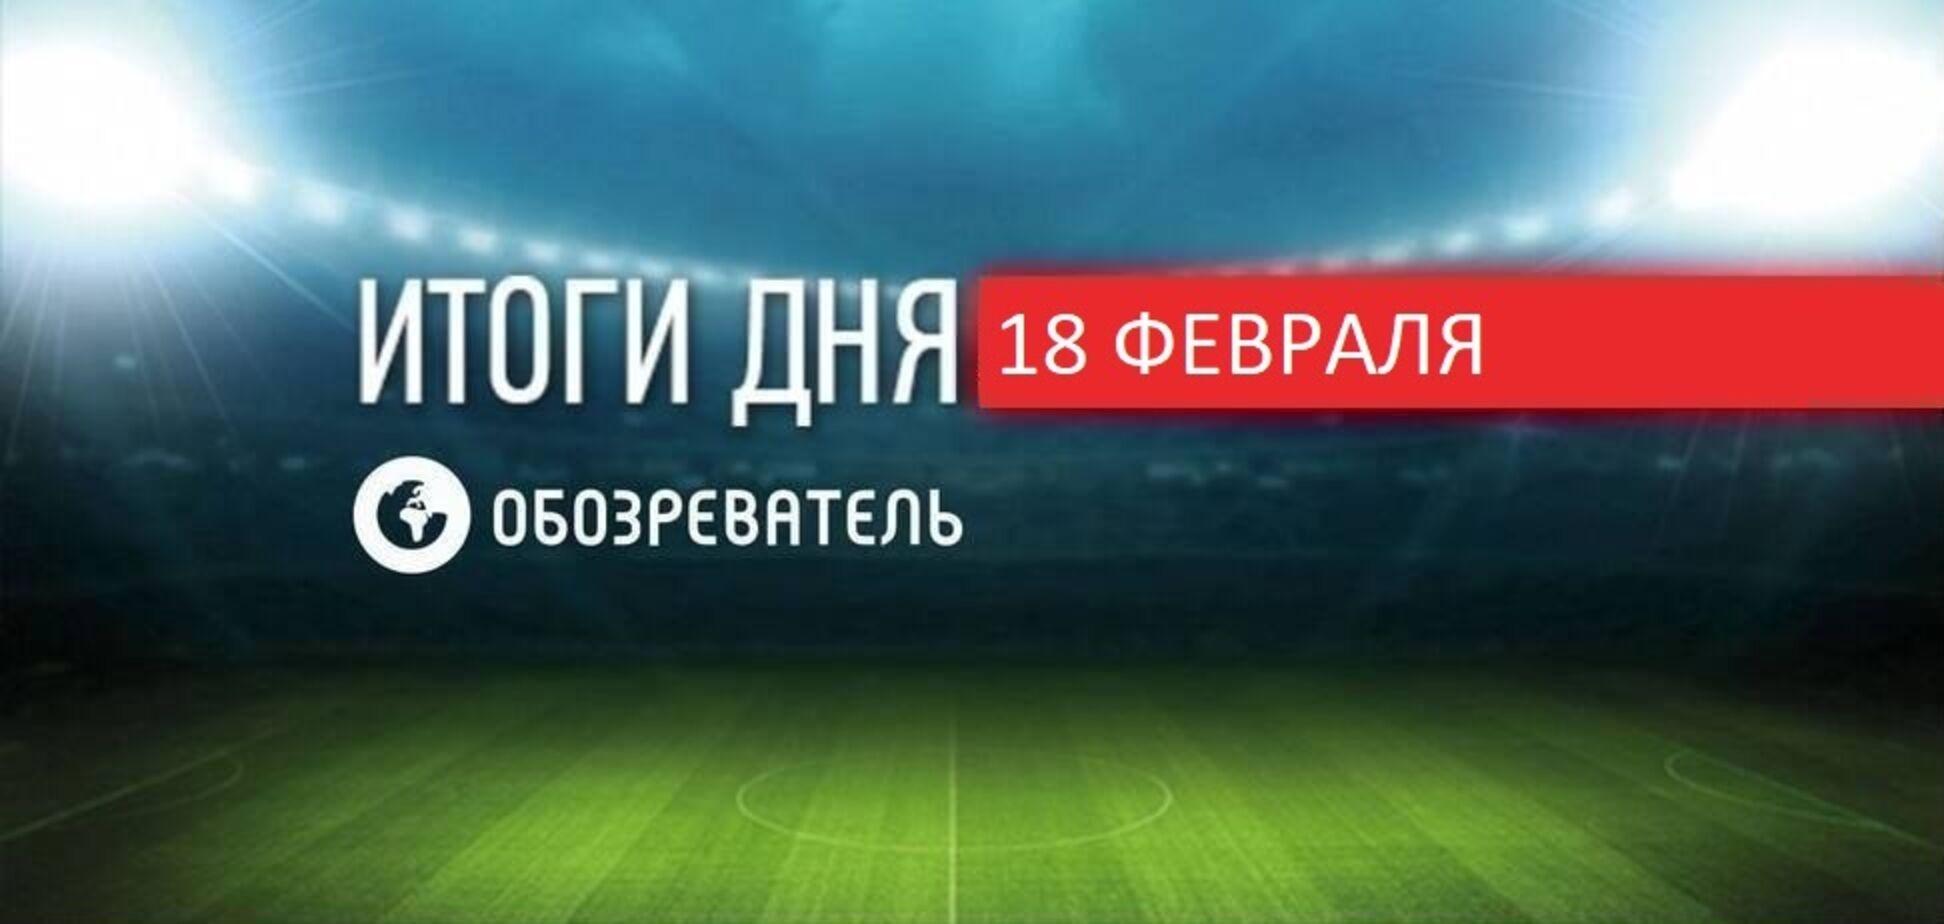 'Динамо' і 'Шахтаря' зіграли перші матчі плей-оф ЛЄ: спортивні підсумки 18 лютого